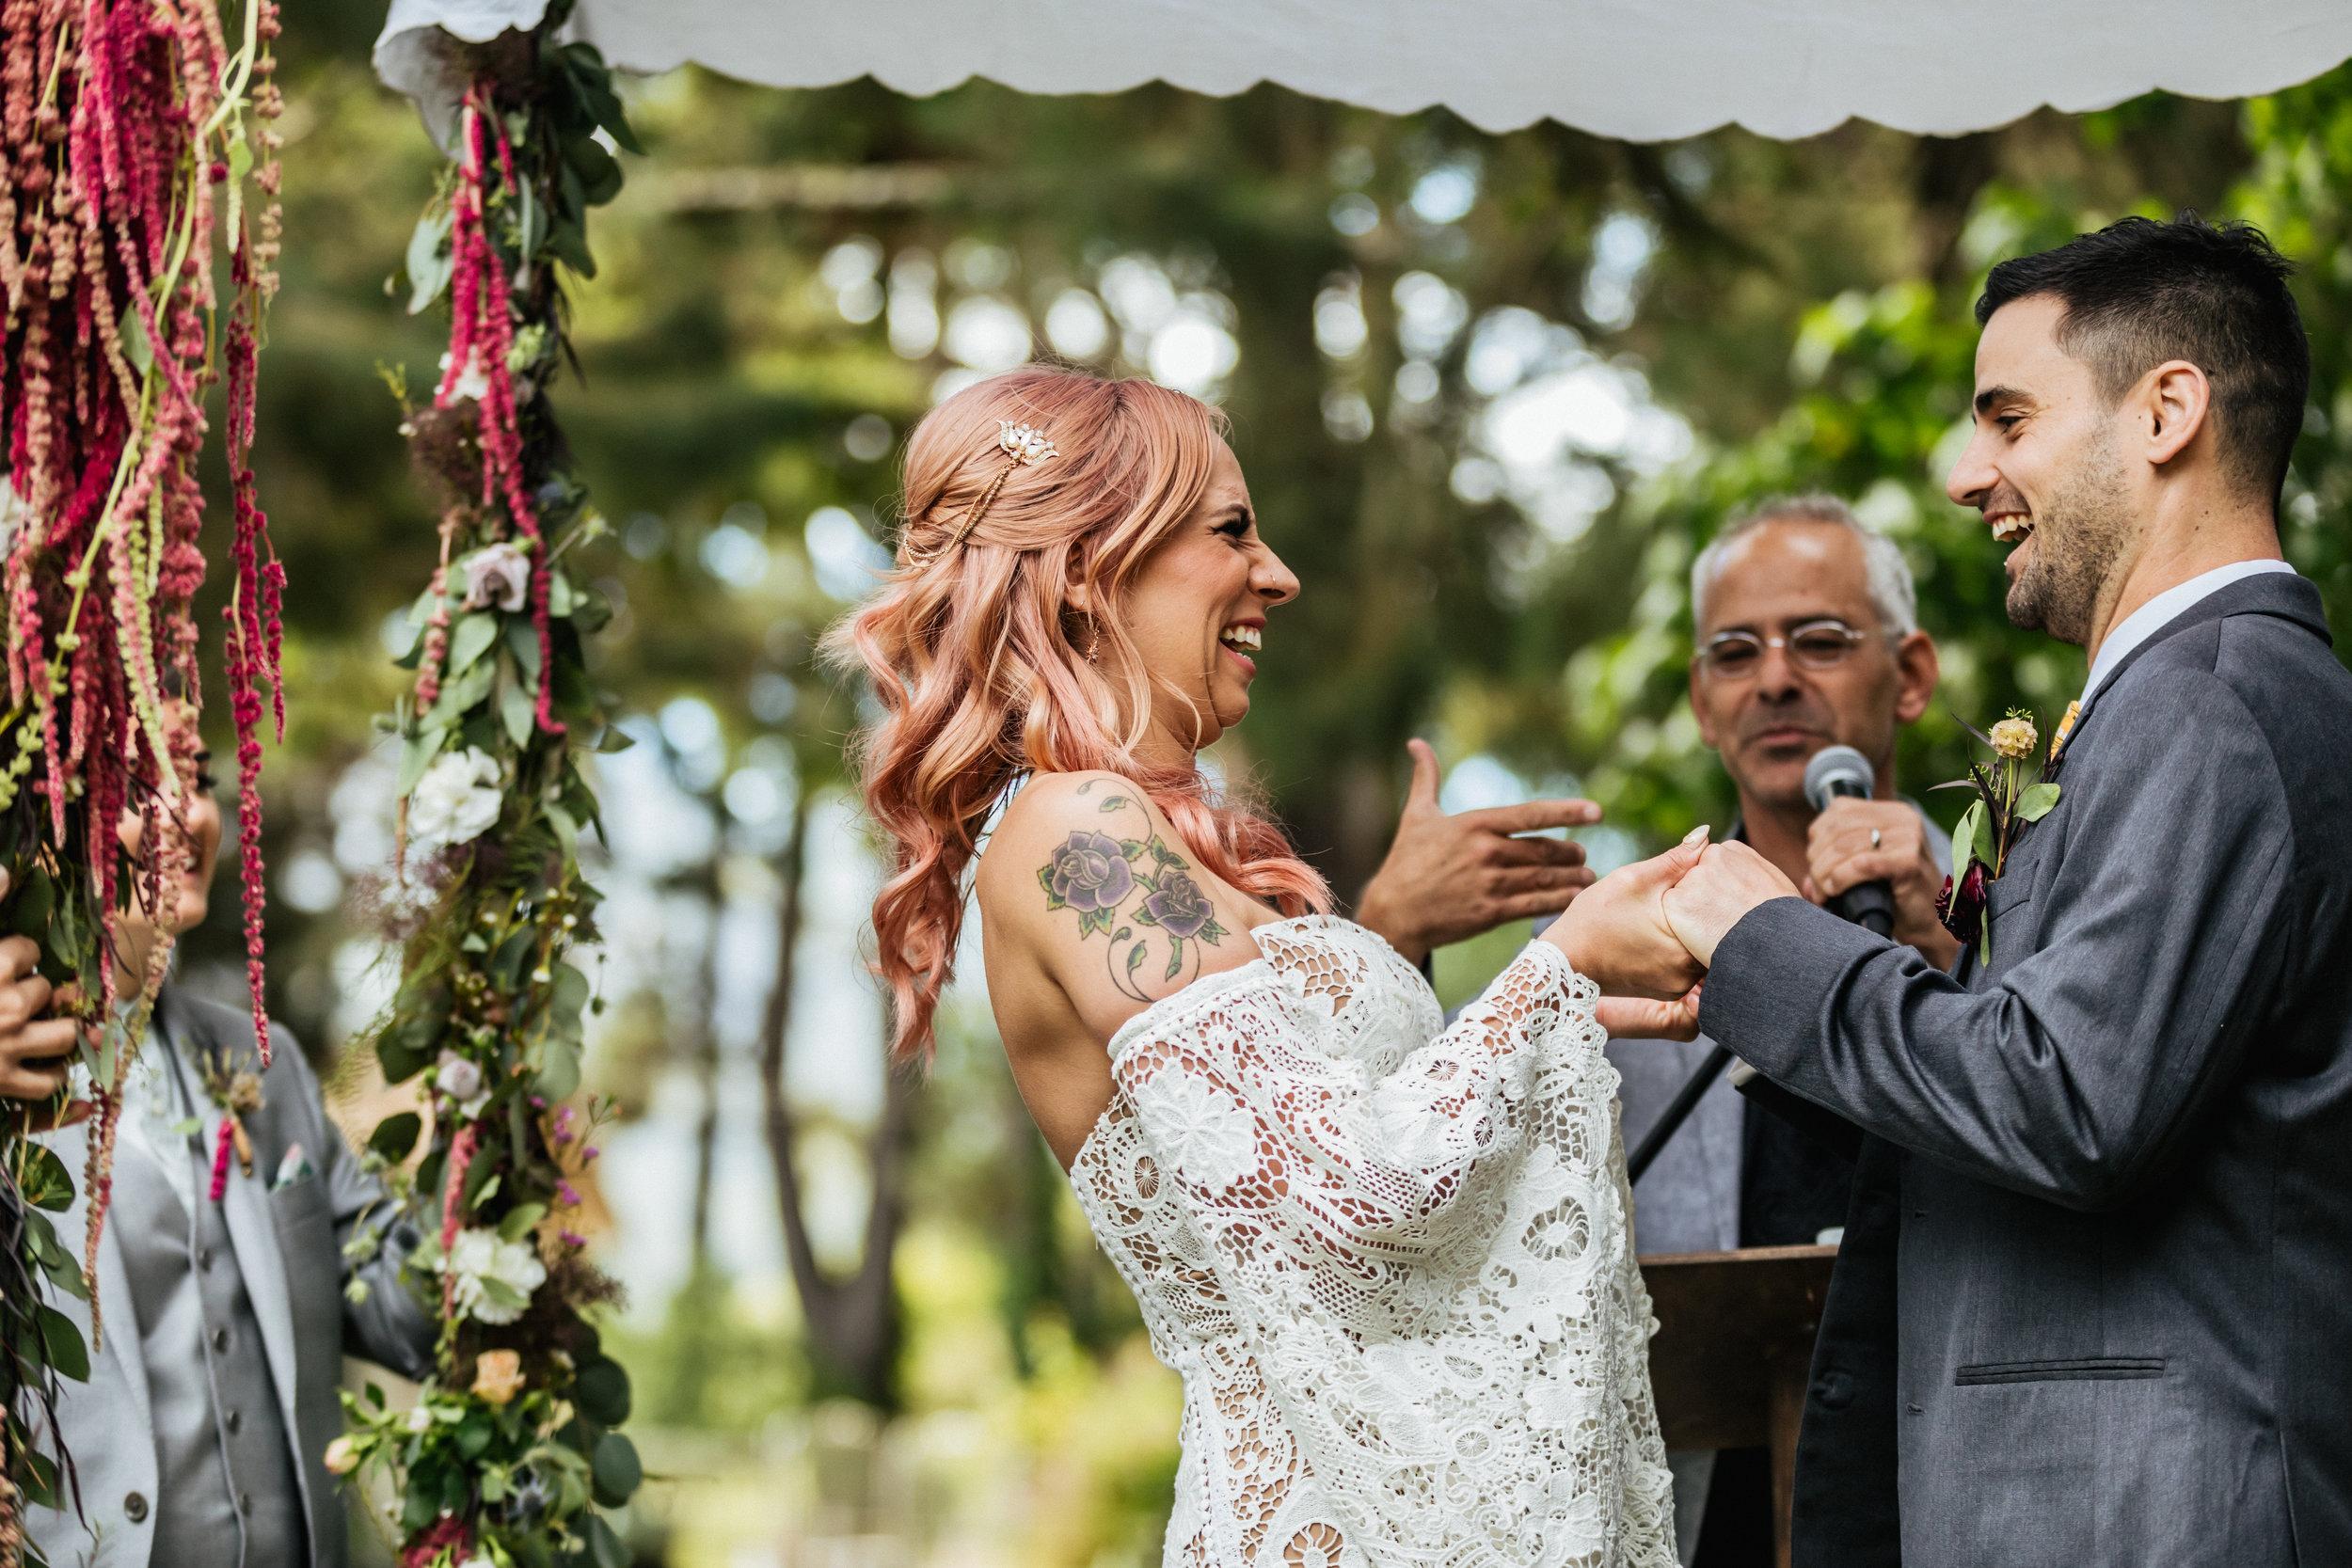 getting married wedding flowers